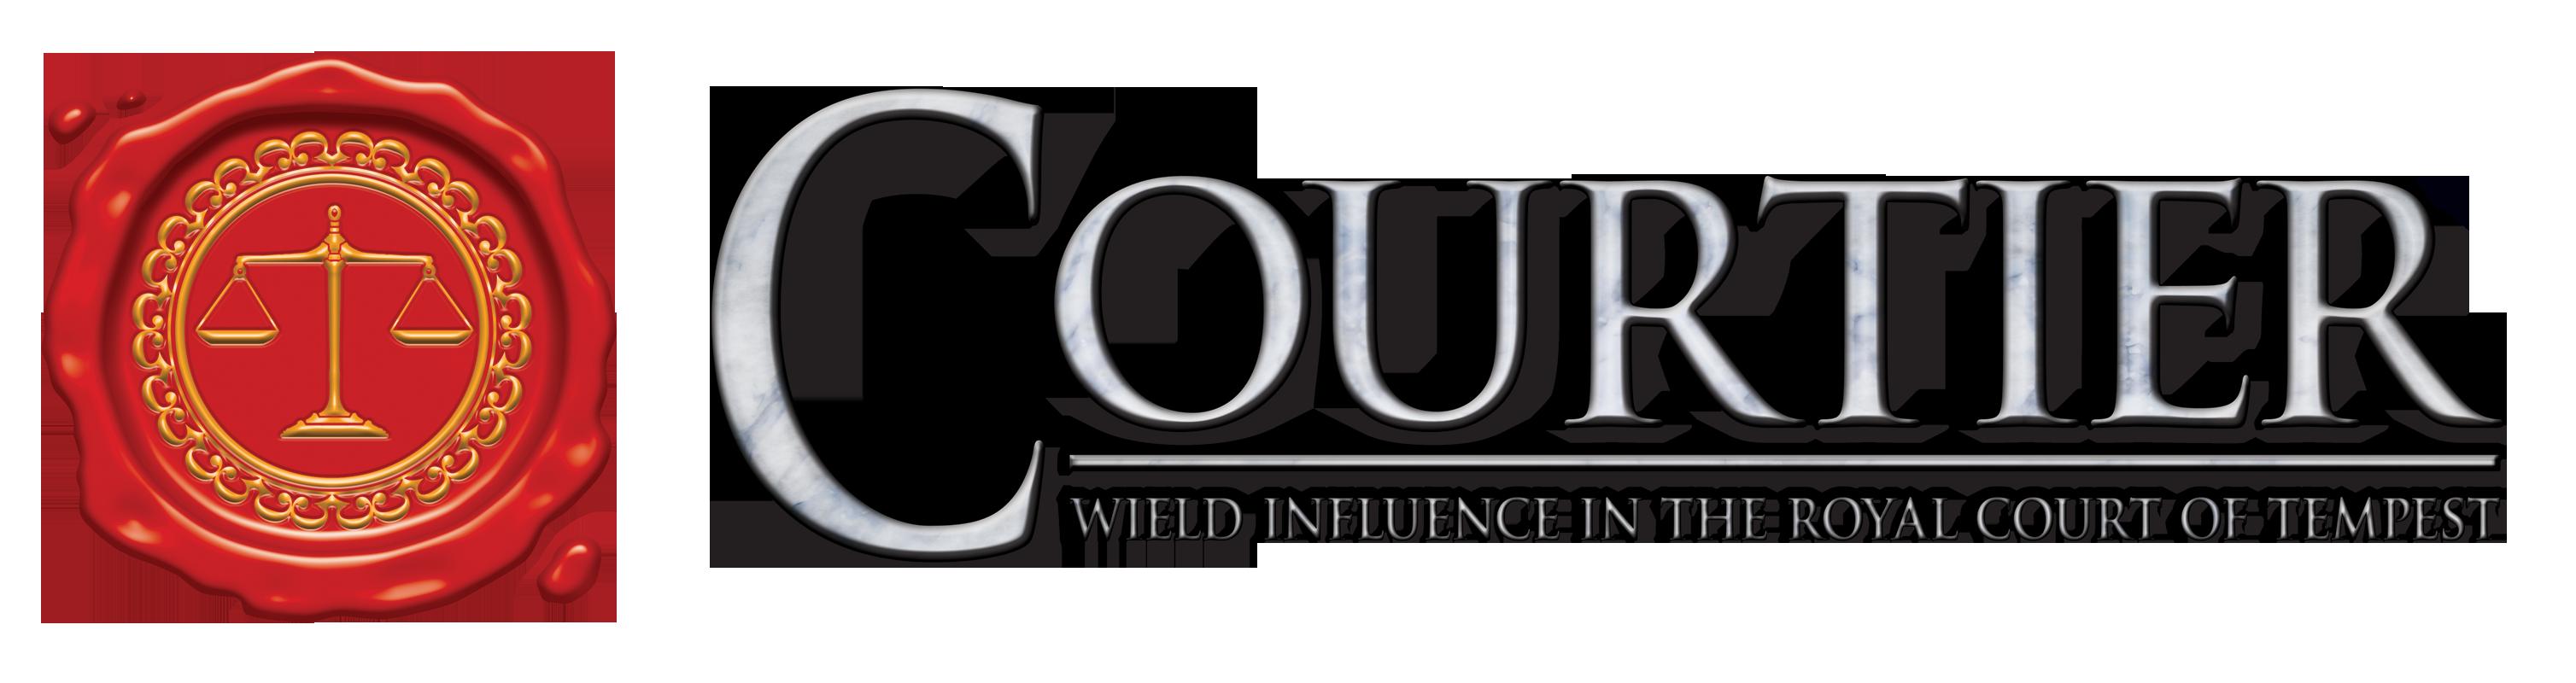 Tlogo_Courtier